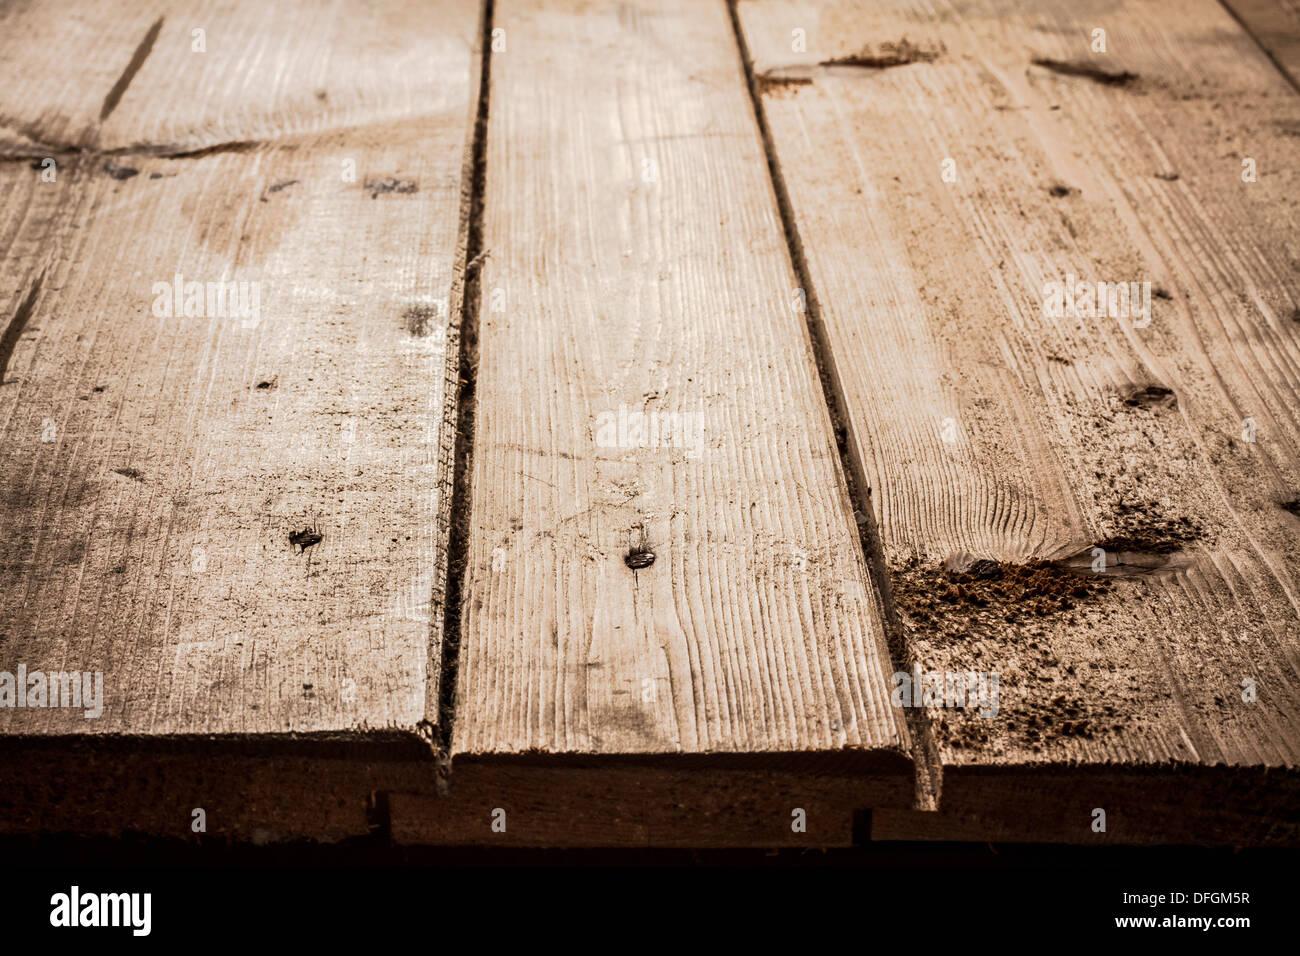 Old wood background wooden desk texture Vintage natural